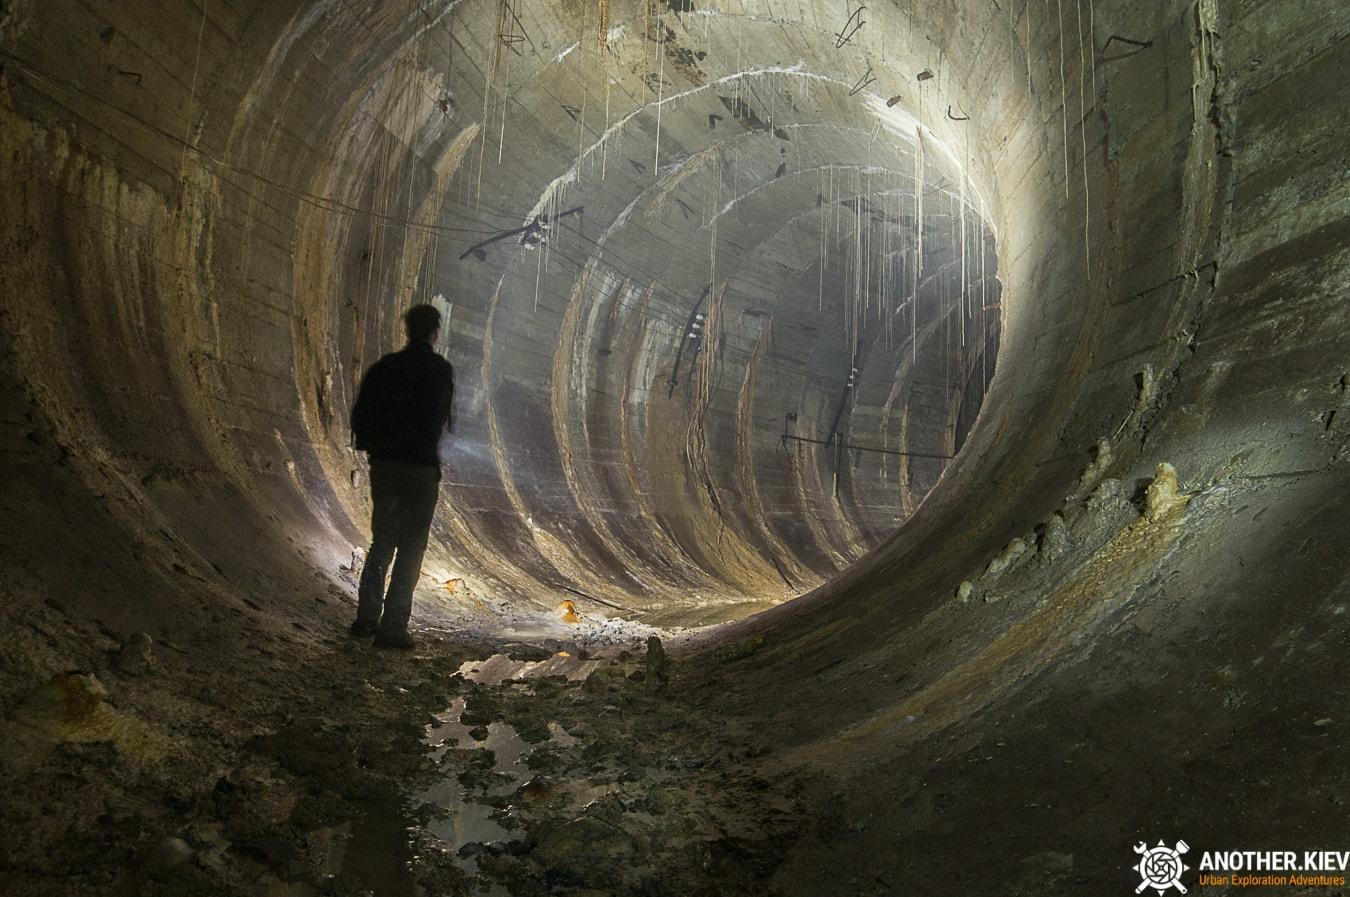 unfinished-abandoned-diesel-power-station-bunker-0458-min Недостроенная и заброшенная дизельная электростанция в киевском метро